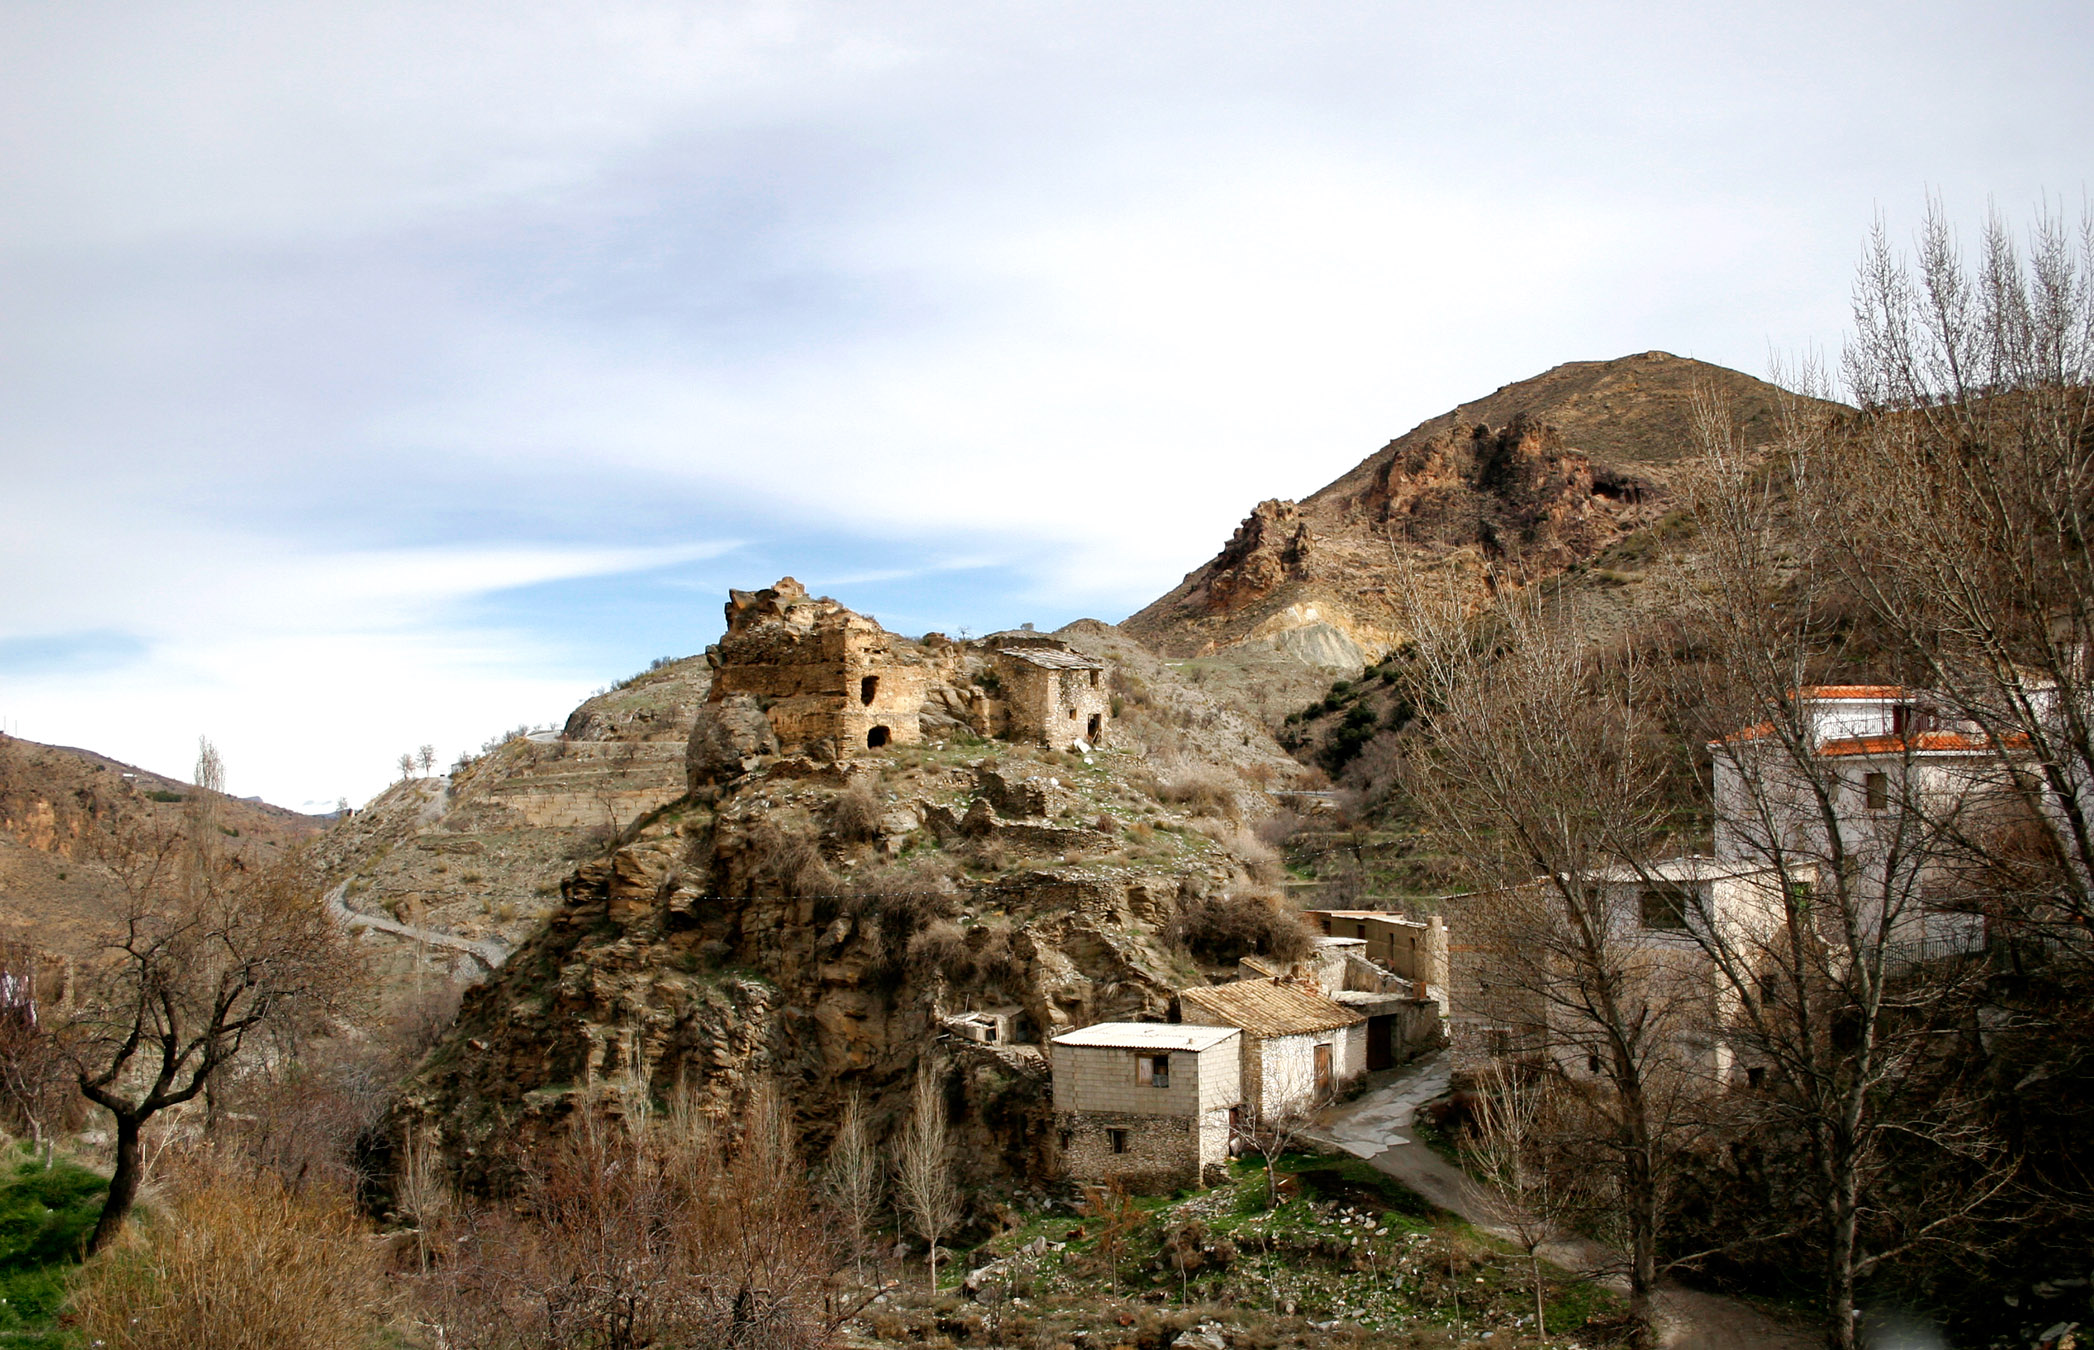 Castillo de Bacares antes de su reciente restauración. © Fotografía: Pako Manzano